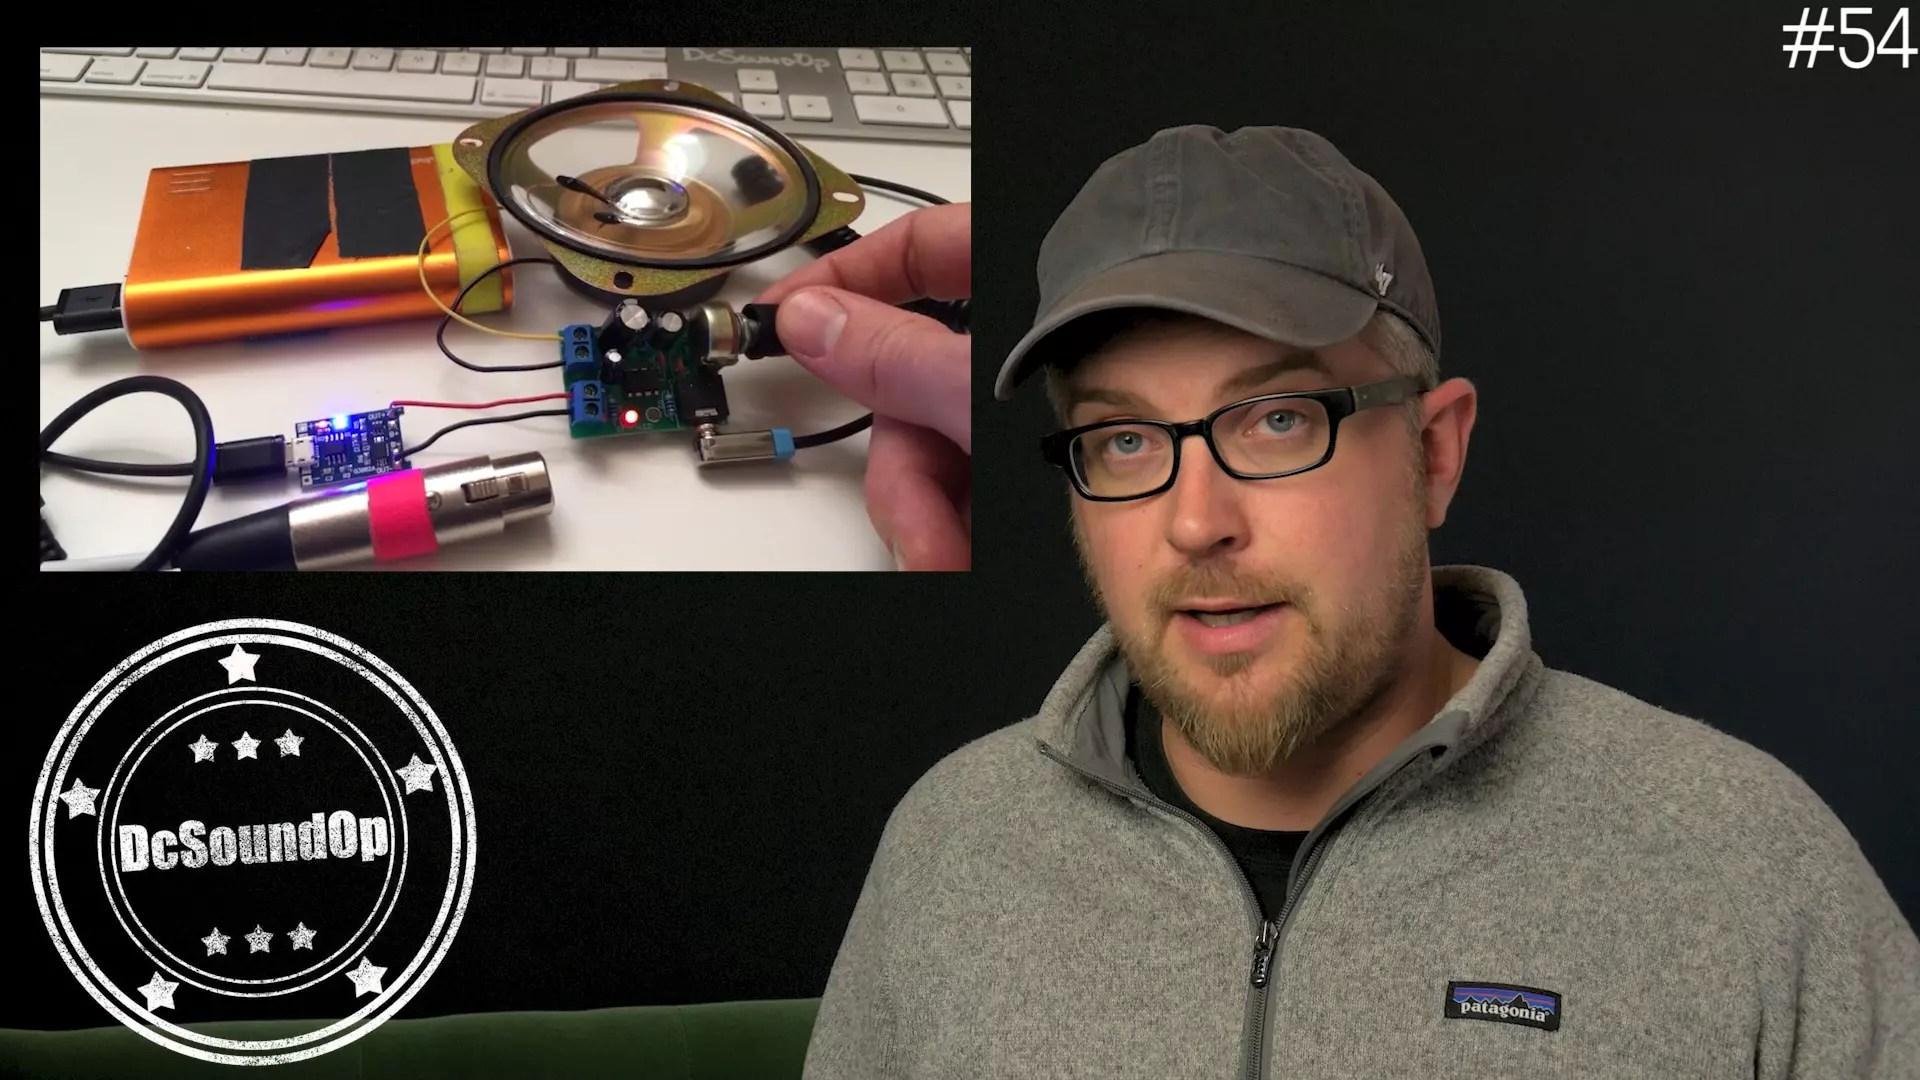 Poor Man's QBox – Community Maker Project